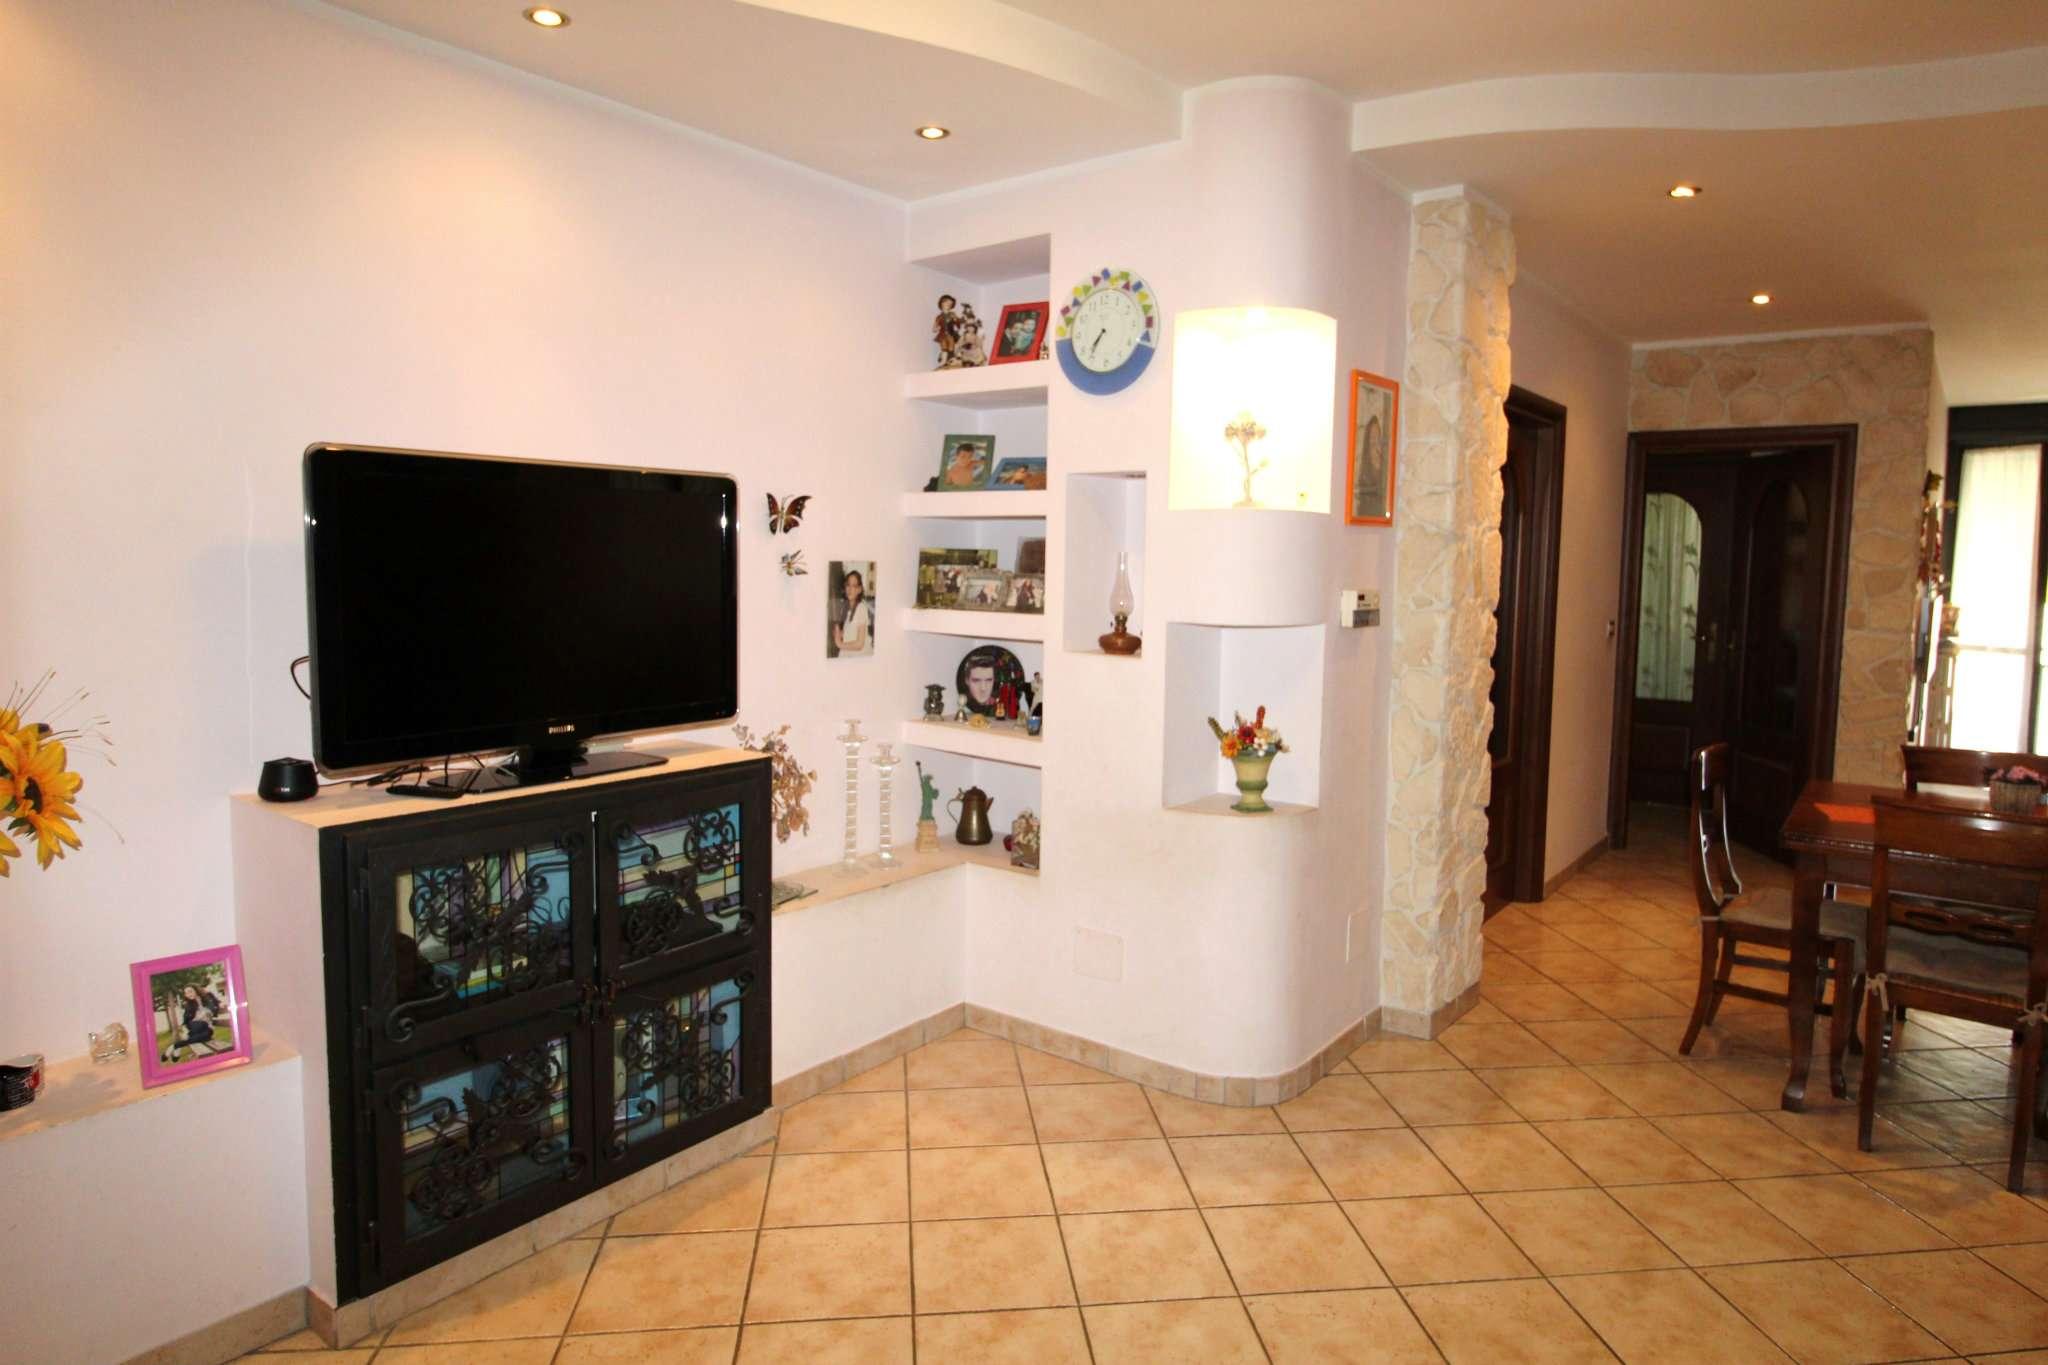 Appartamento in vendita a None, 3 locali, prezzo € 118.000 | CambioCasa.it